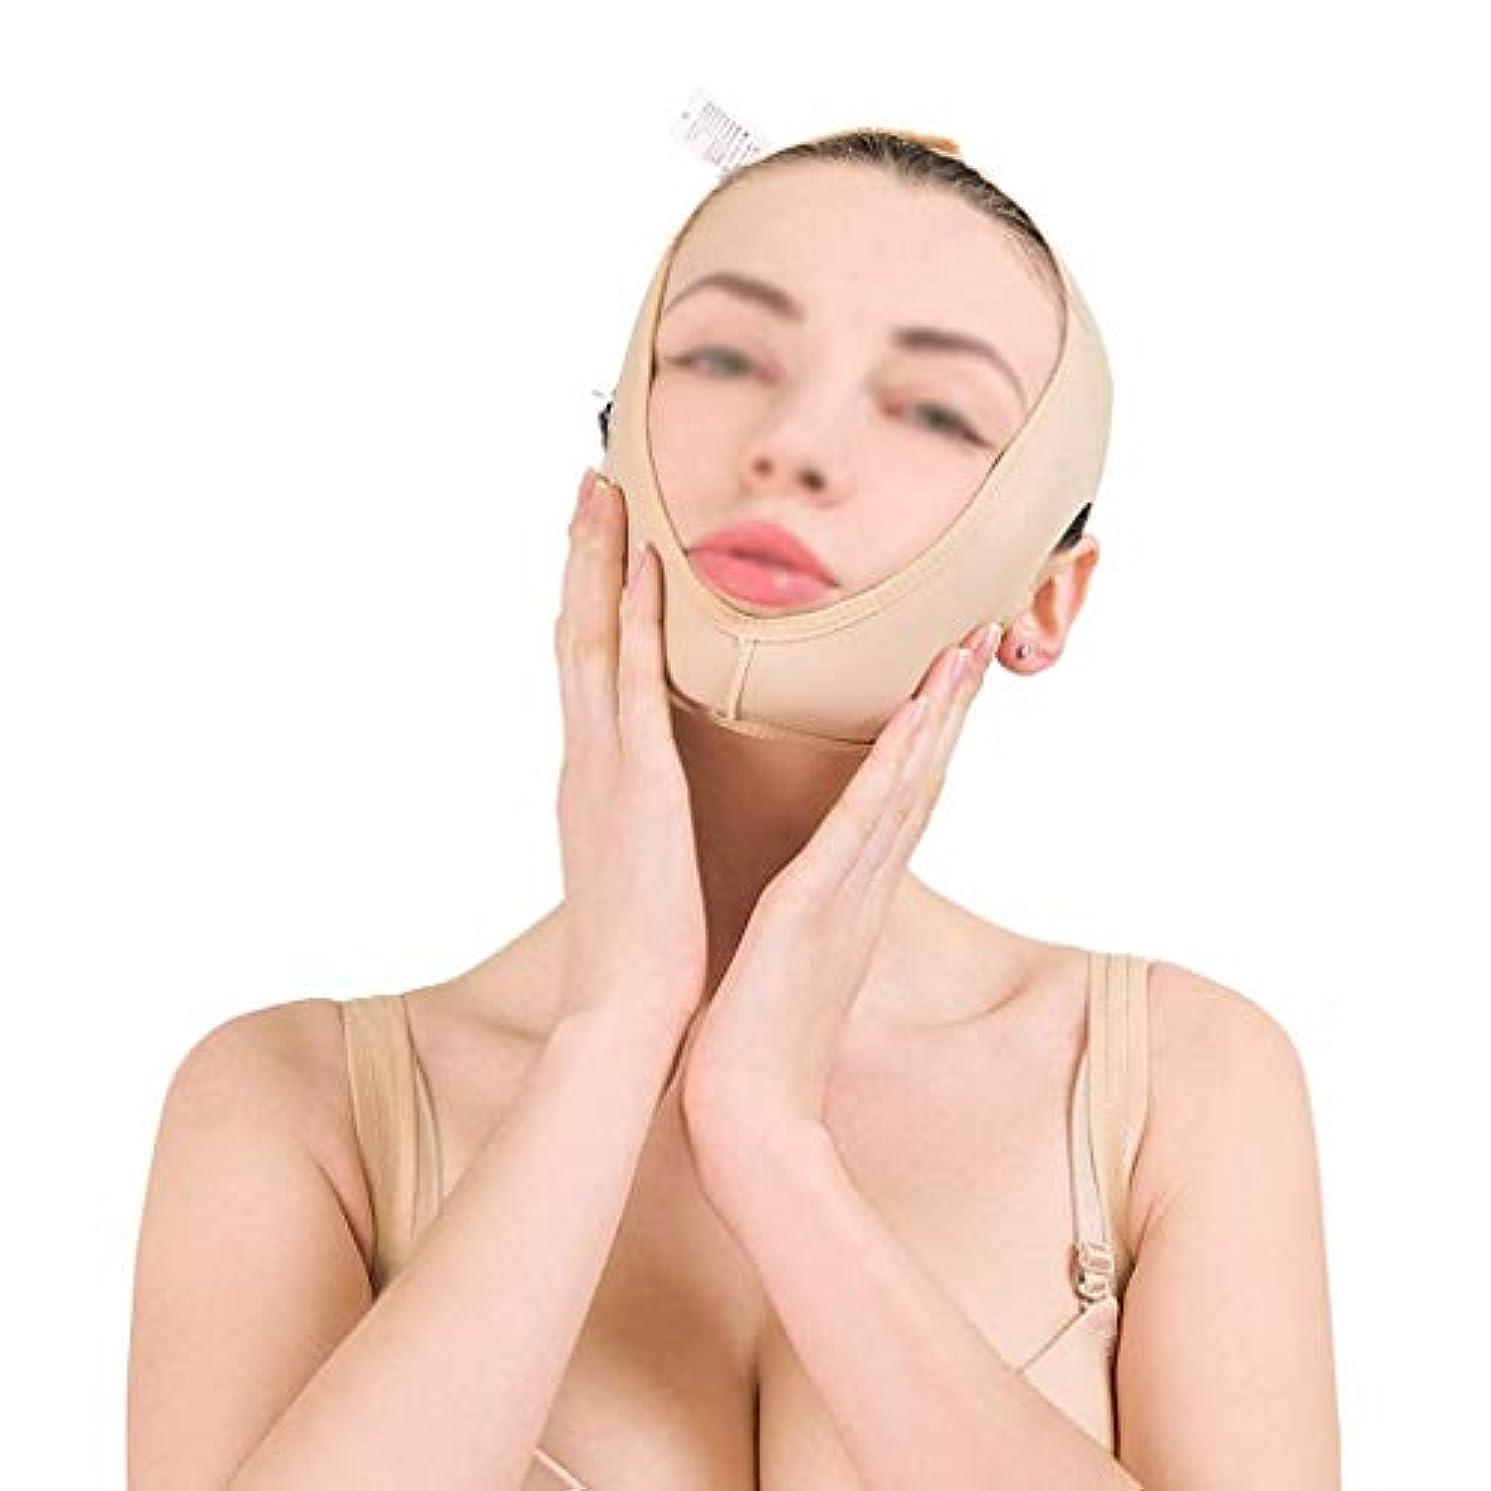 洪水送信する写真を描くマスク減量、肌の包帯を引き締めるリフティングフェイスバンド、フェイスリフティング、ダブルチンビューティバンデージ、フェイスリフト(サイズ:L),M